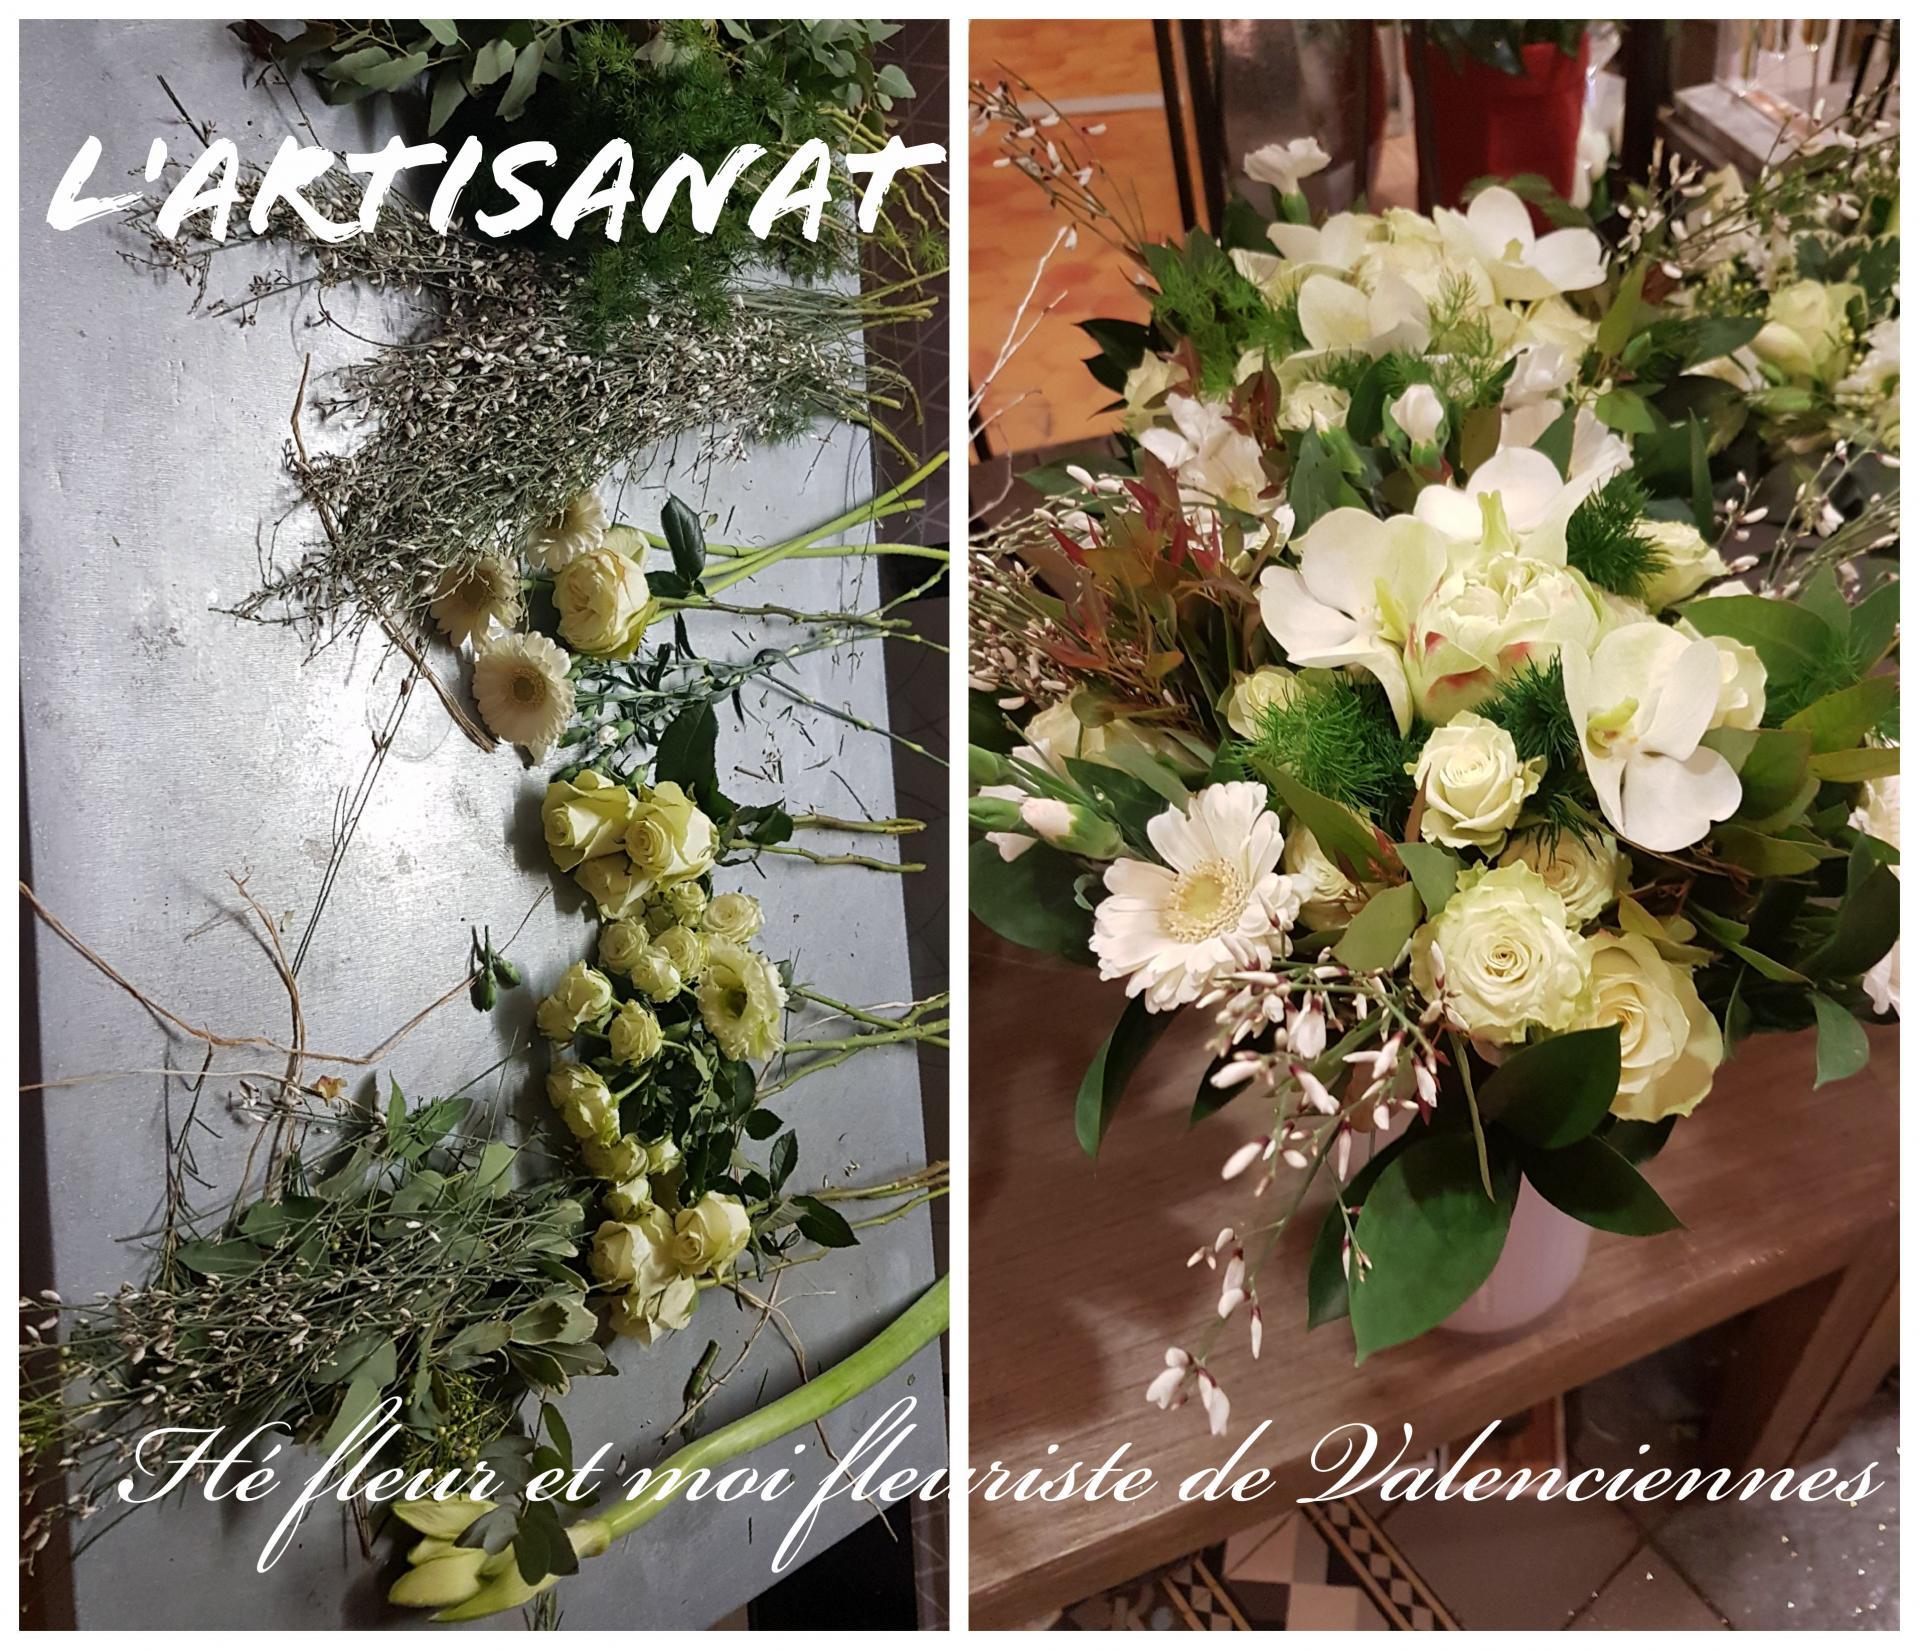 Fleuriste Valenciennes He Fleur Et Moi Art Floral Deuil Saint Valentin